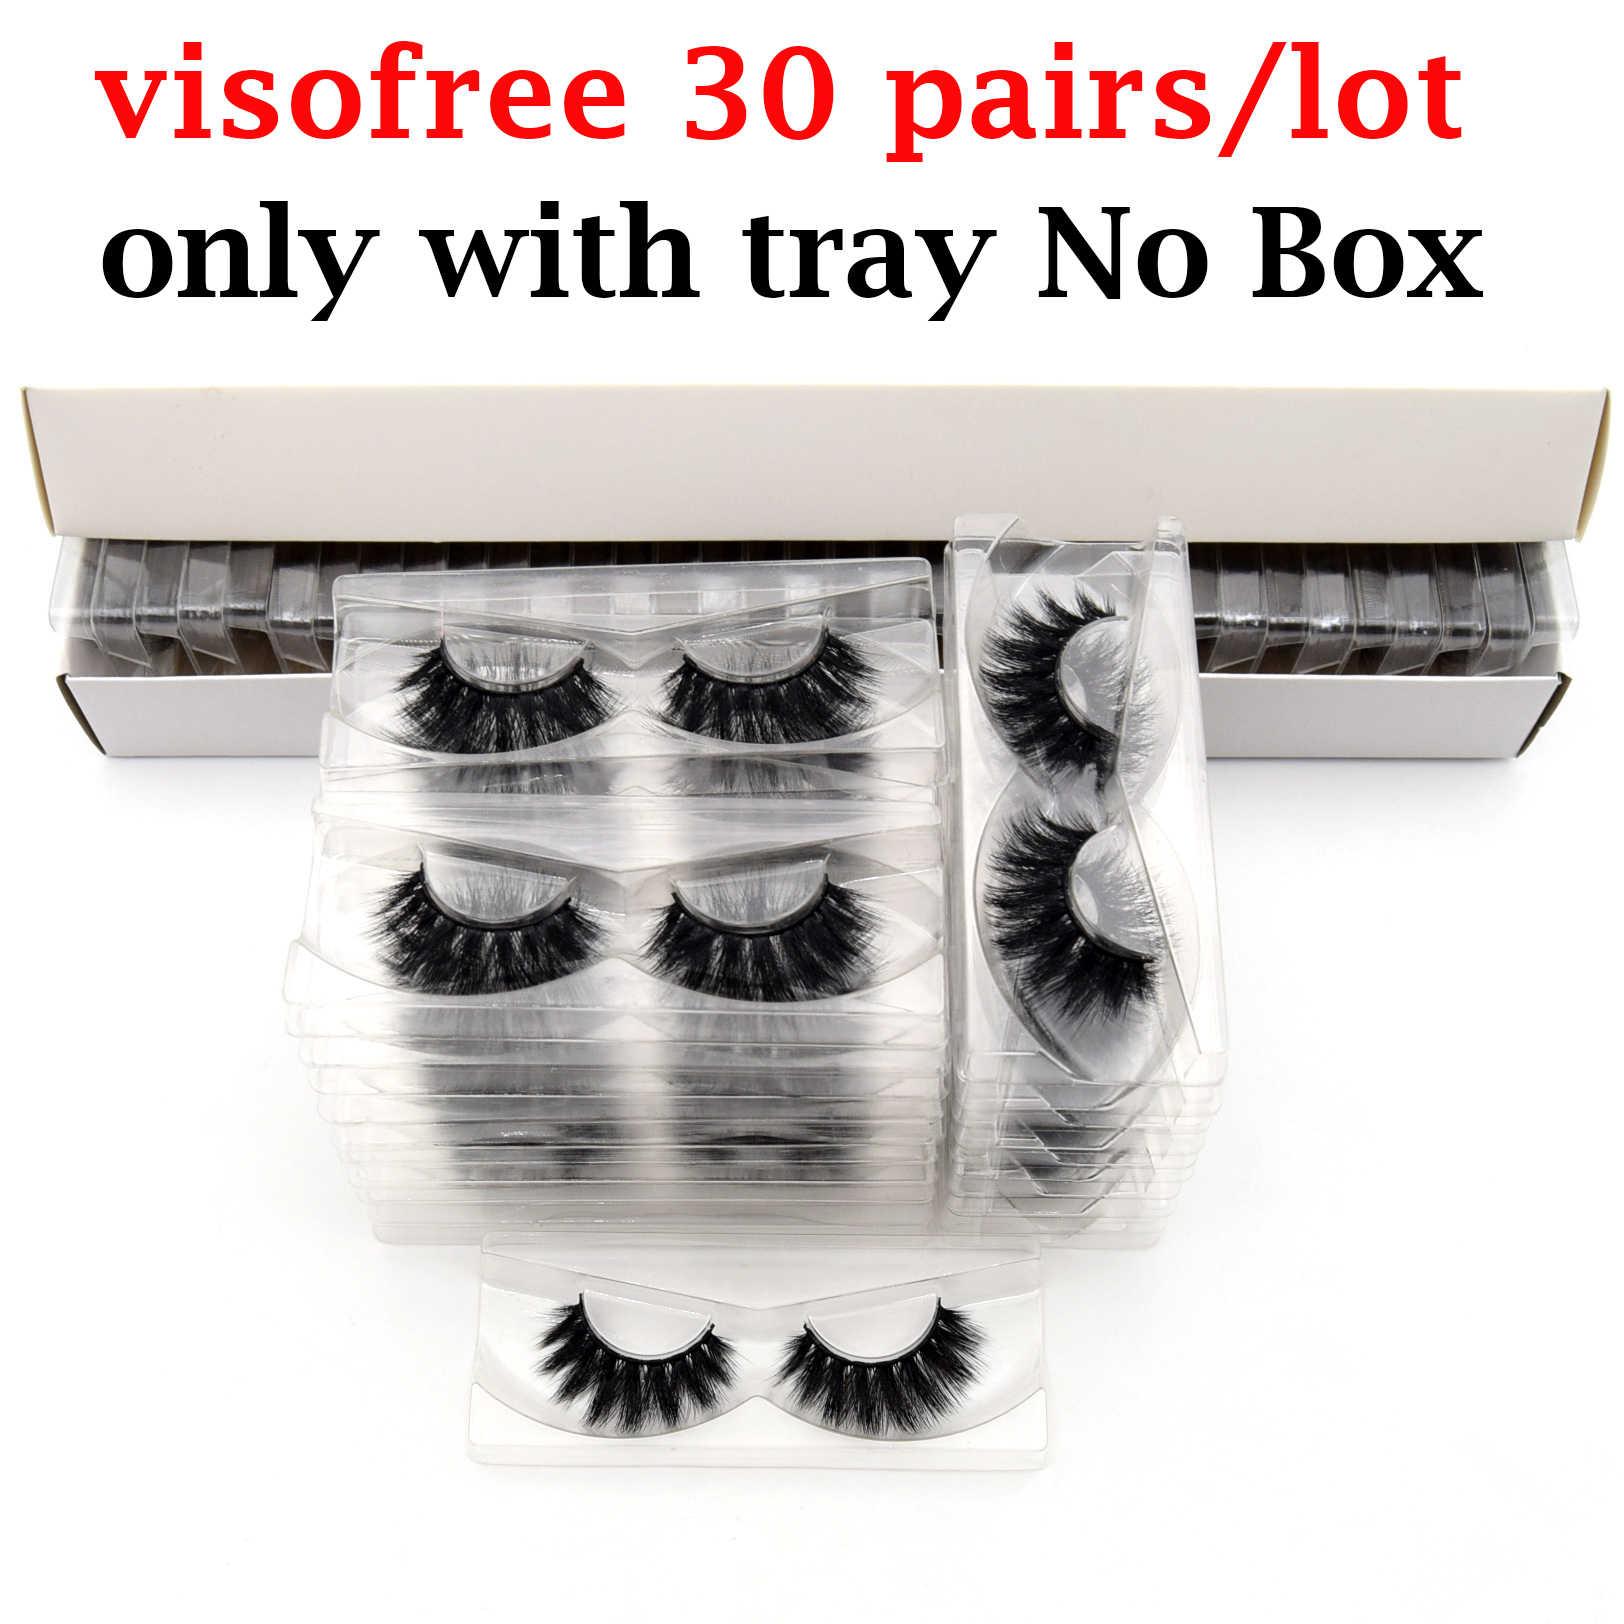 30 пар Visofree 3D норковые ресницы без коробки натуральные накладные ресницы драматические накладные норковые ресницы макияж ресницы для наращивания шелковые ресницы